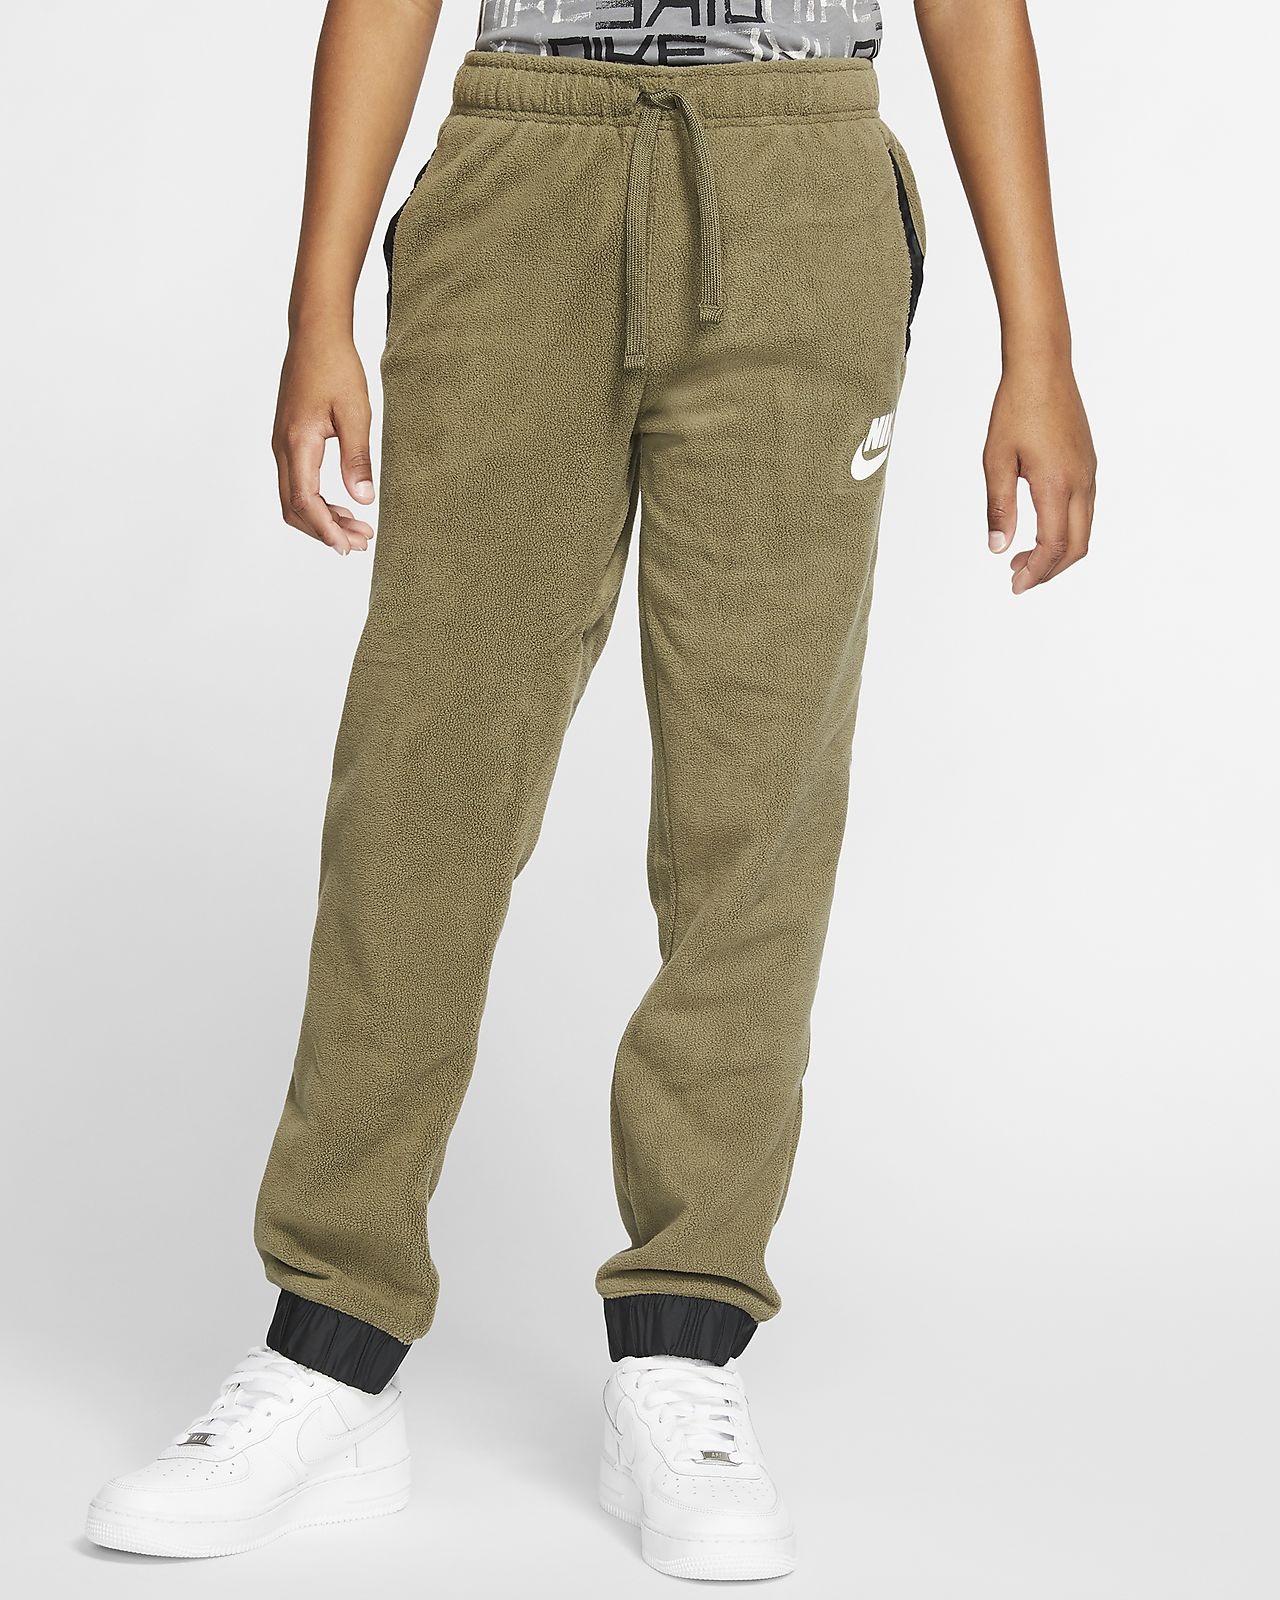 Nike Sportswear Winterized Genç Çocuk (Erkek) Eşofman Altı